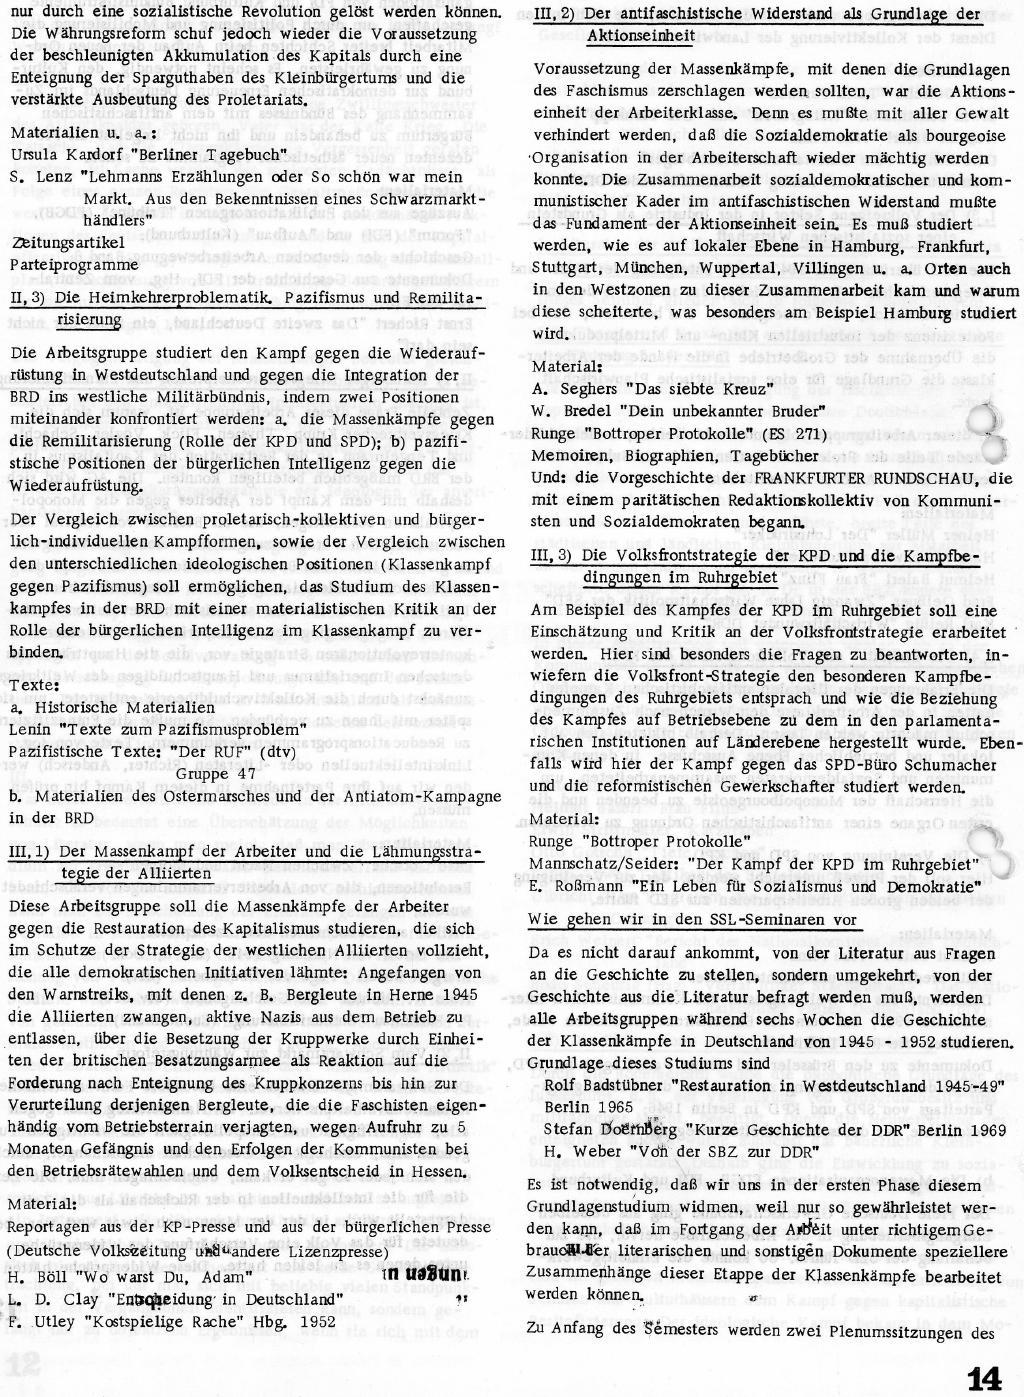 RPK_1970_088_14